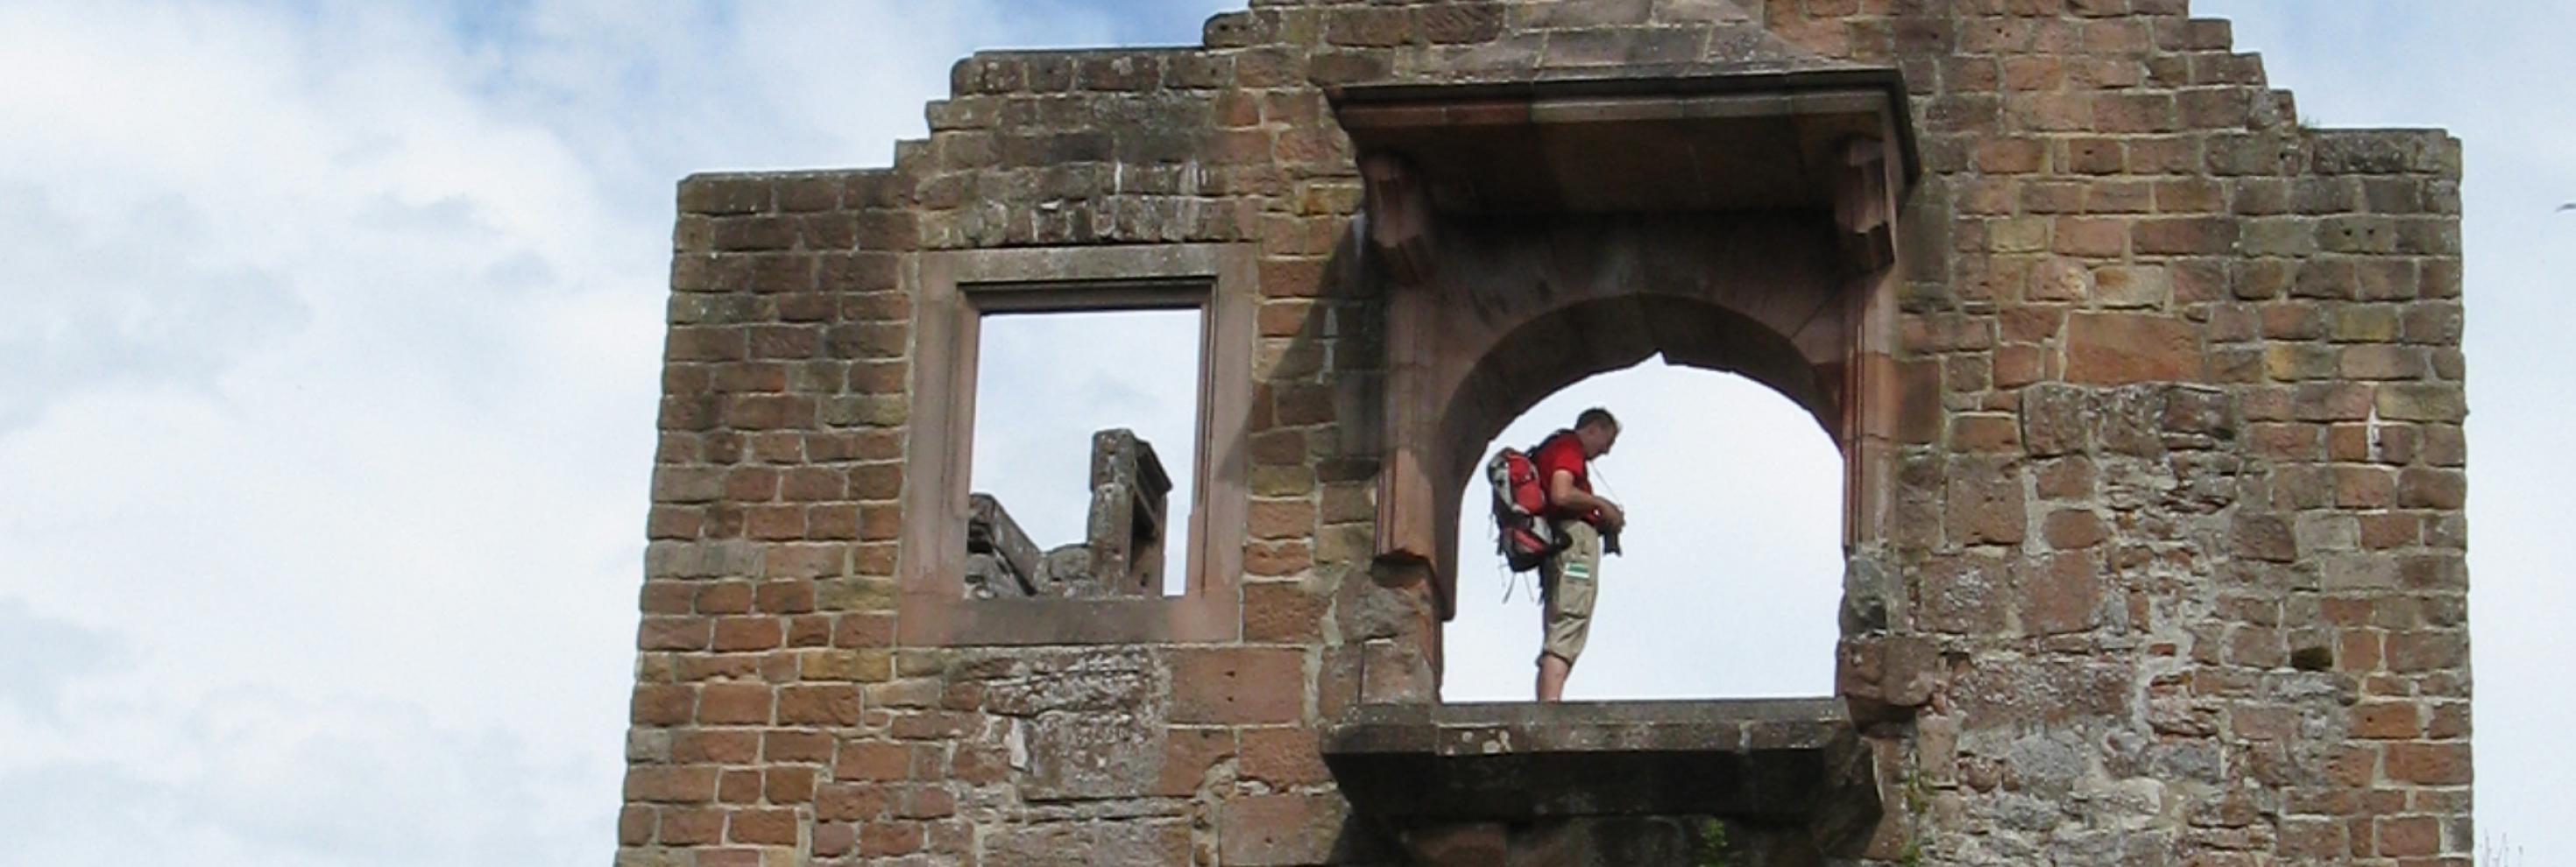 Wanderer im Burgfenster